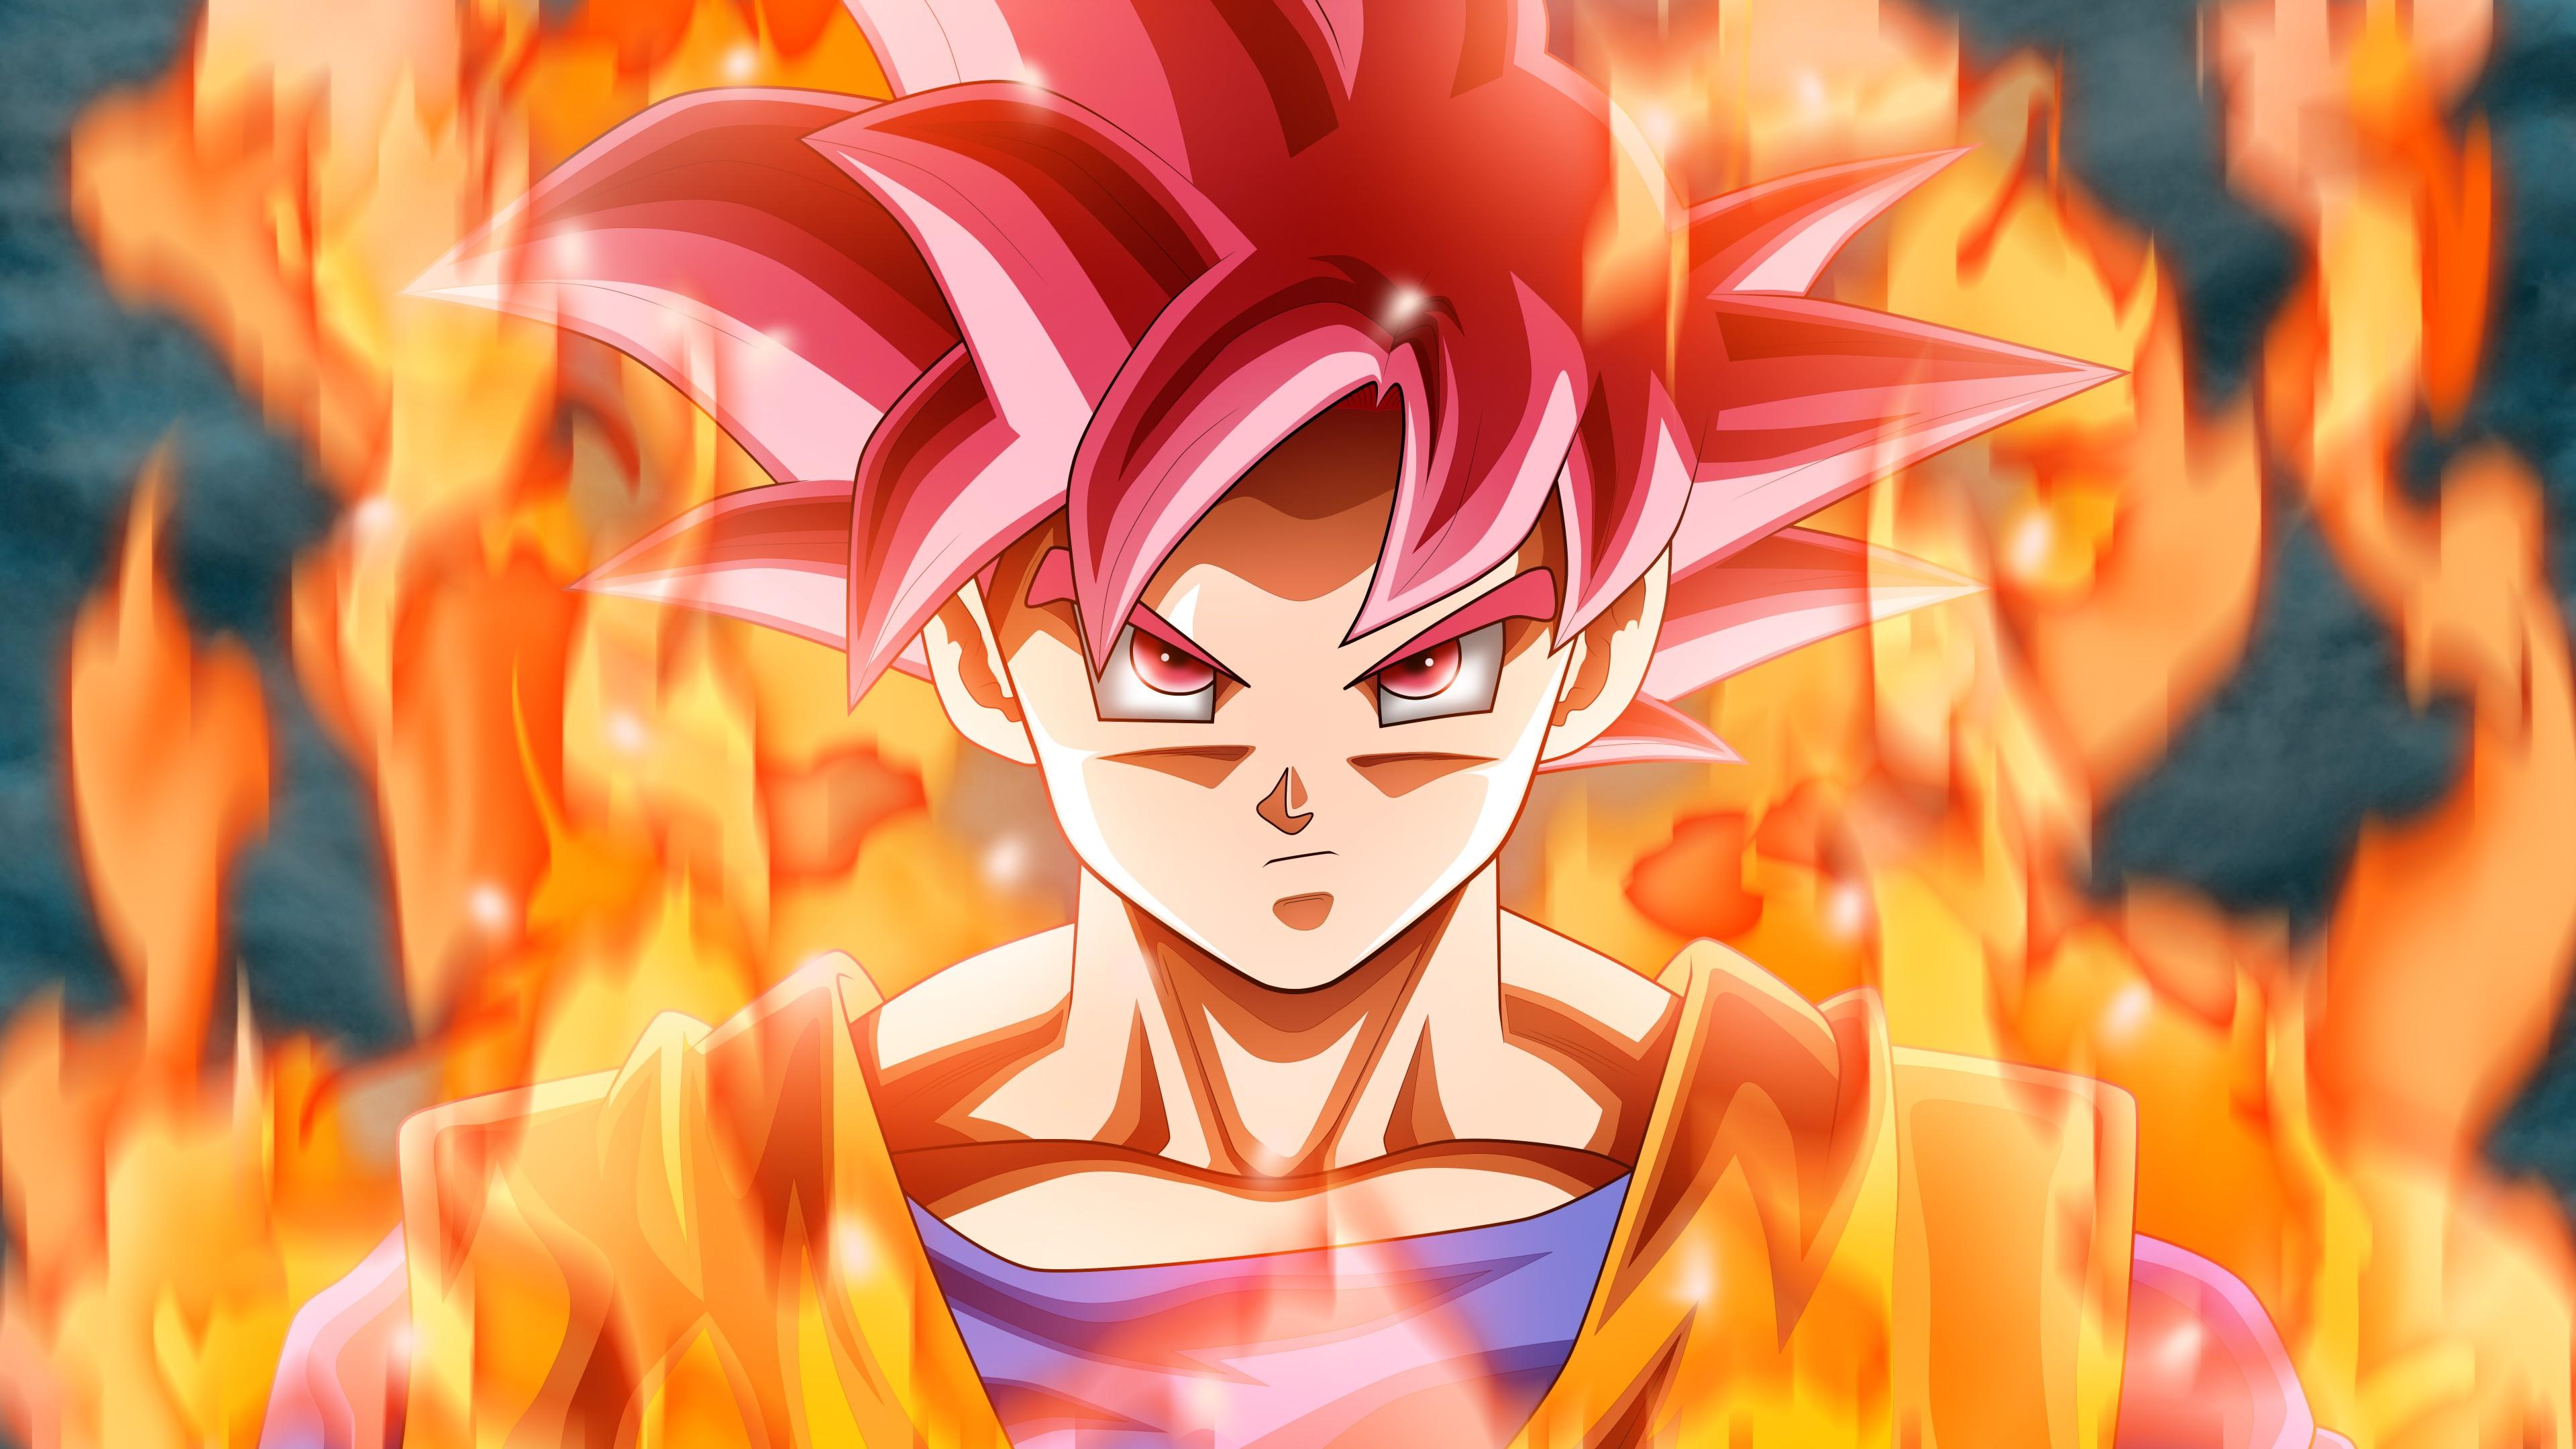 Персонаж воина Аниме с розовыми волосами и крепкого телосложения